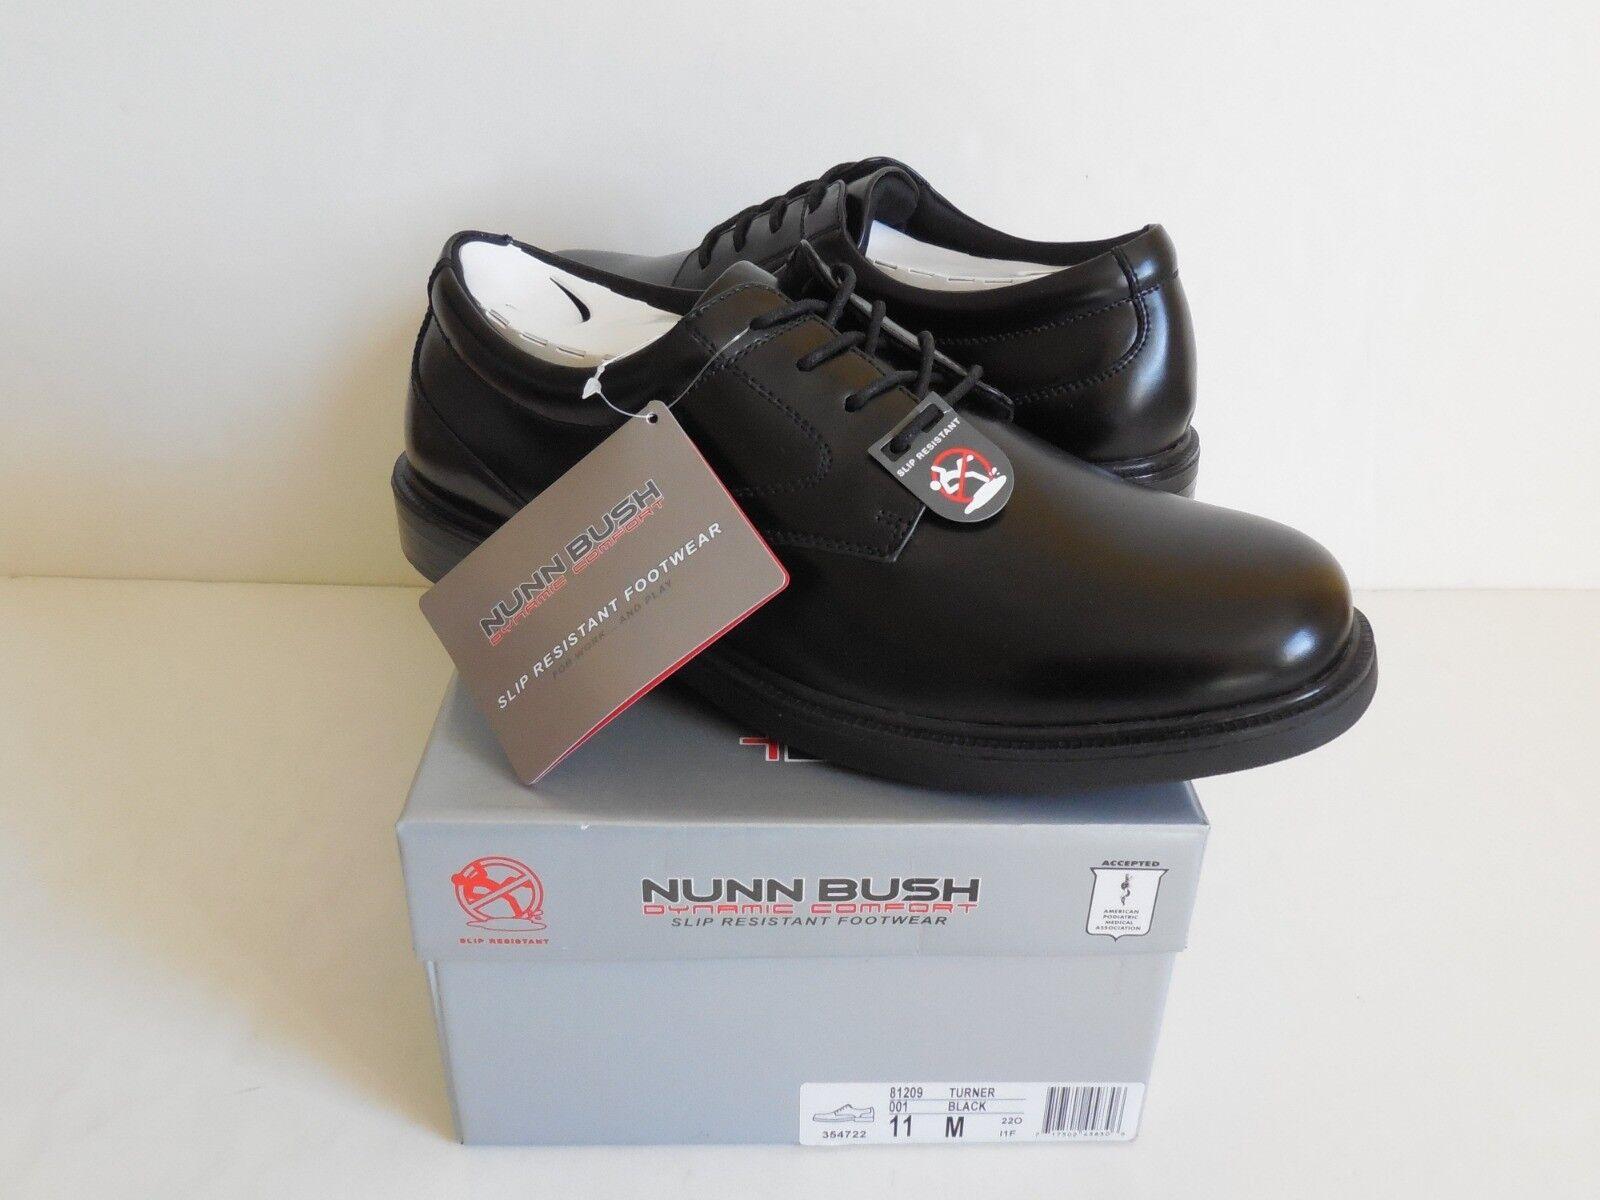 Nunn Bush Turner 81209 Schnürschuh Leder Schuhe Herren 11M Neu